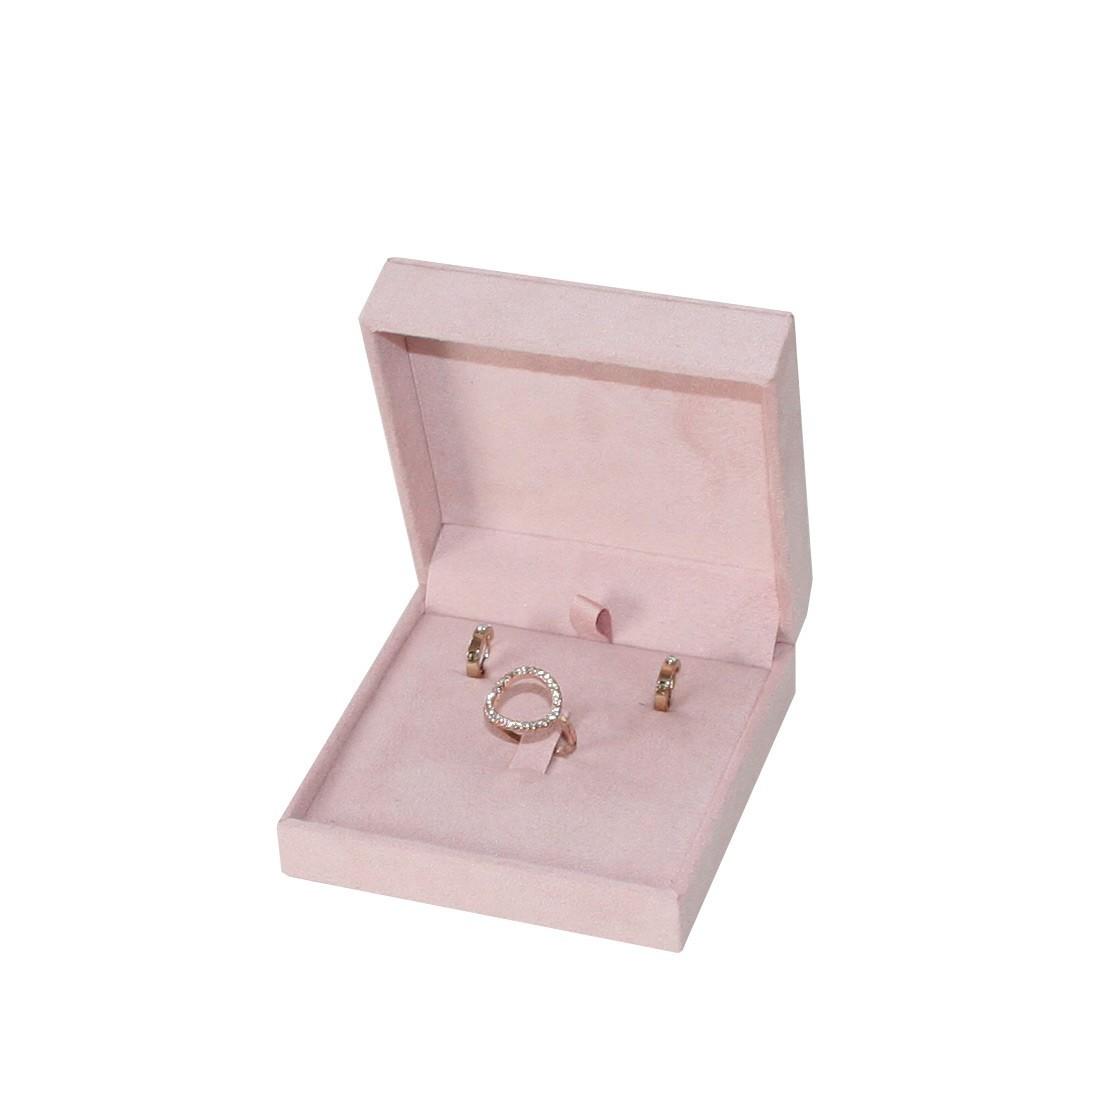 Estuche de joyería multiuso, anillo, pendientes y cadena. Suede rosa nude